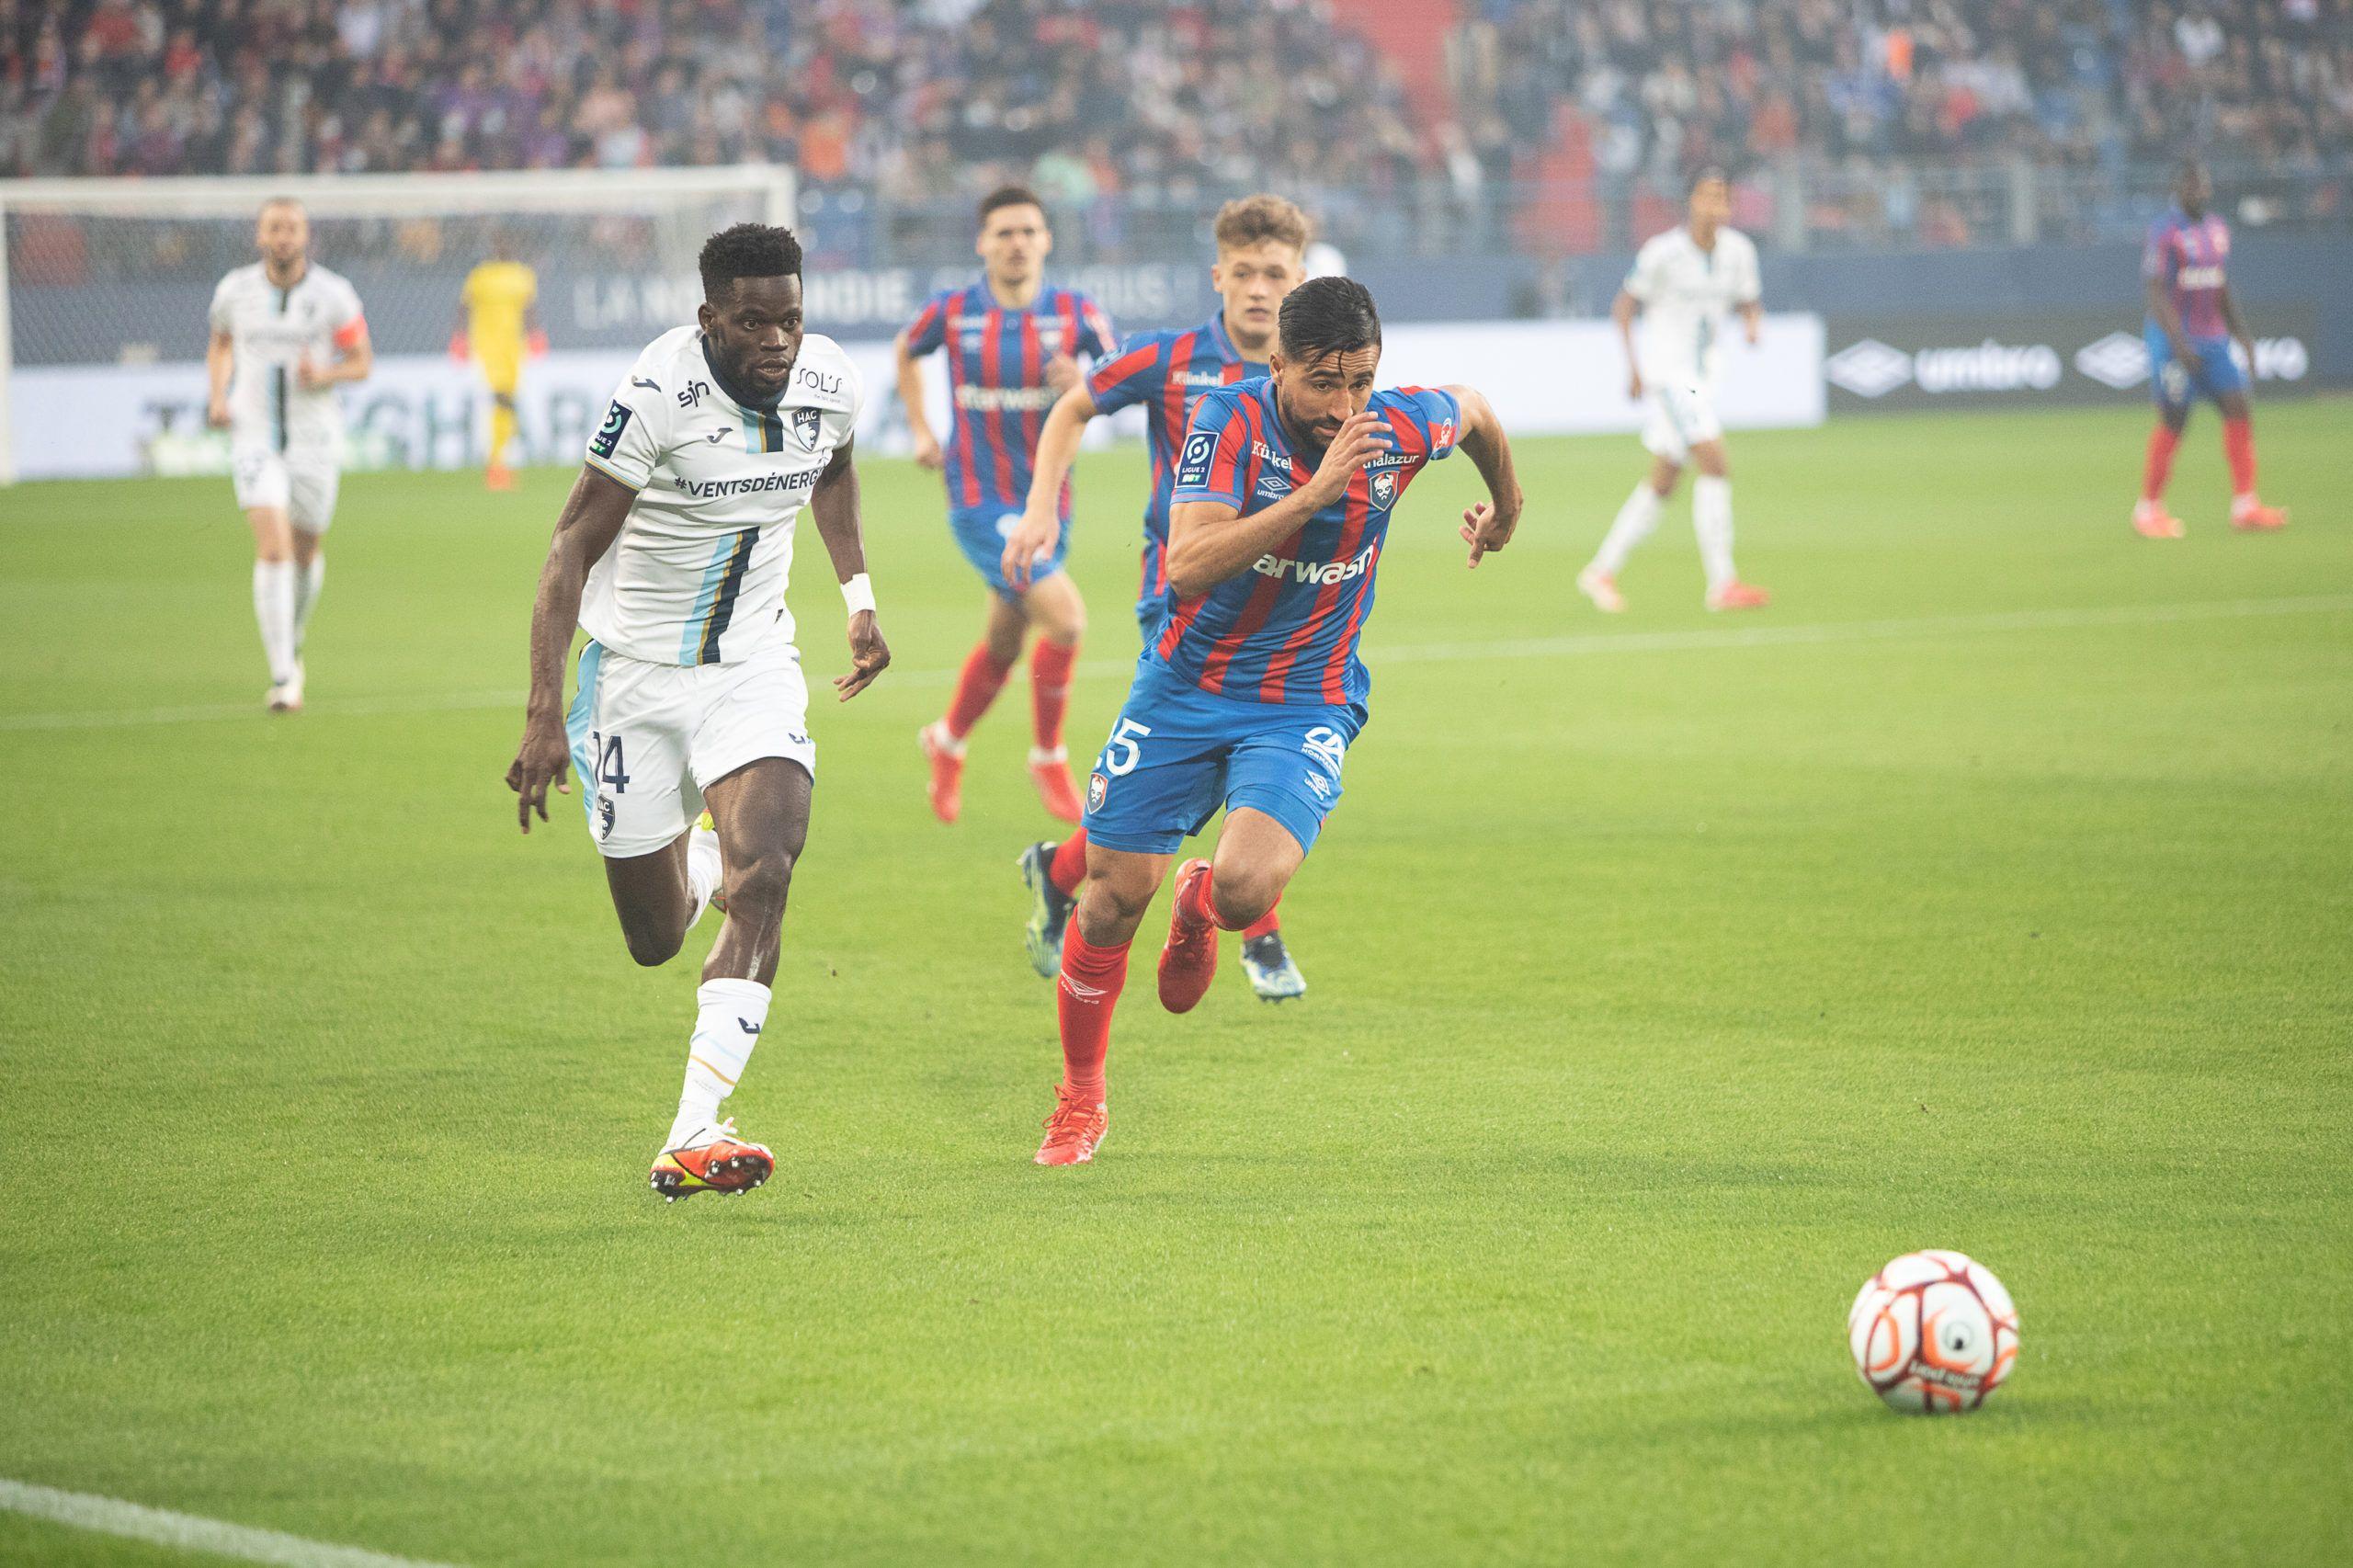 Plombé par sa défense, Malherbe concède le nul face au Havre (2-2)